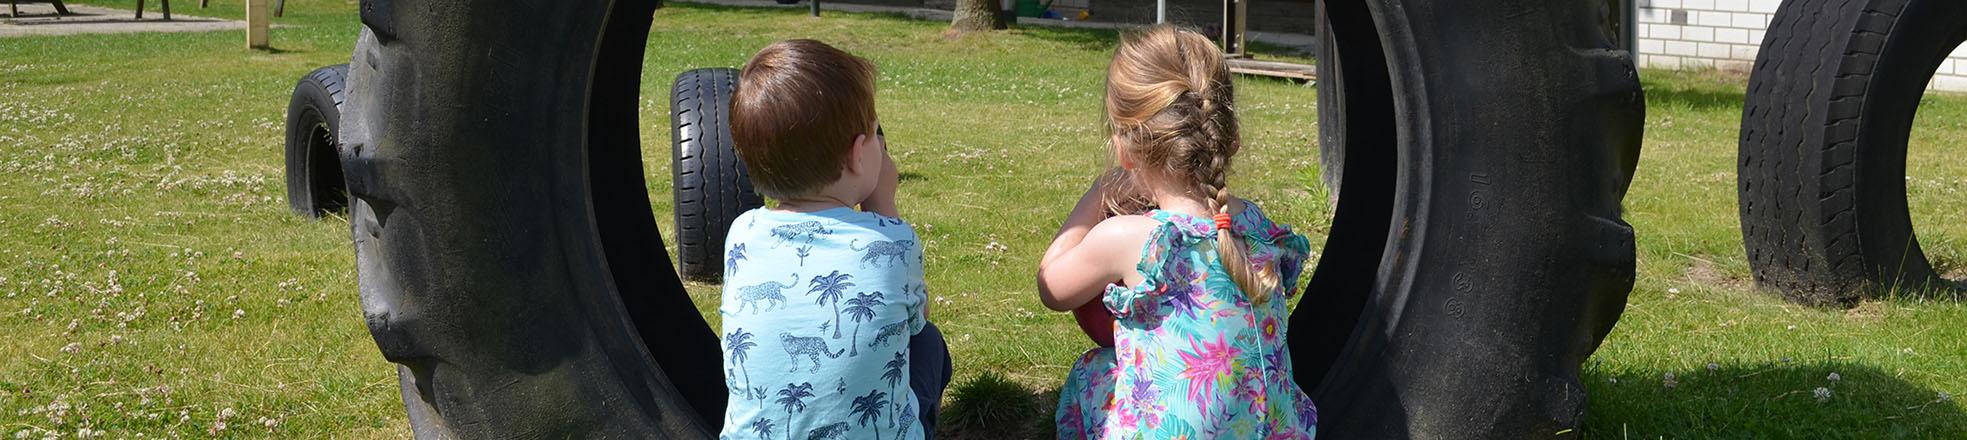 Kinderdagopvang voor baby's en peuters - Kinderopvang Heyendael